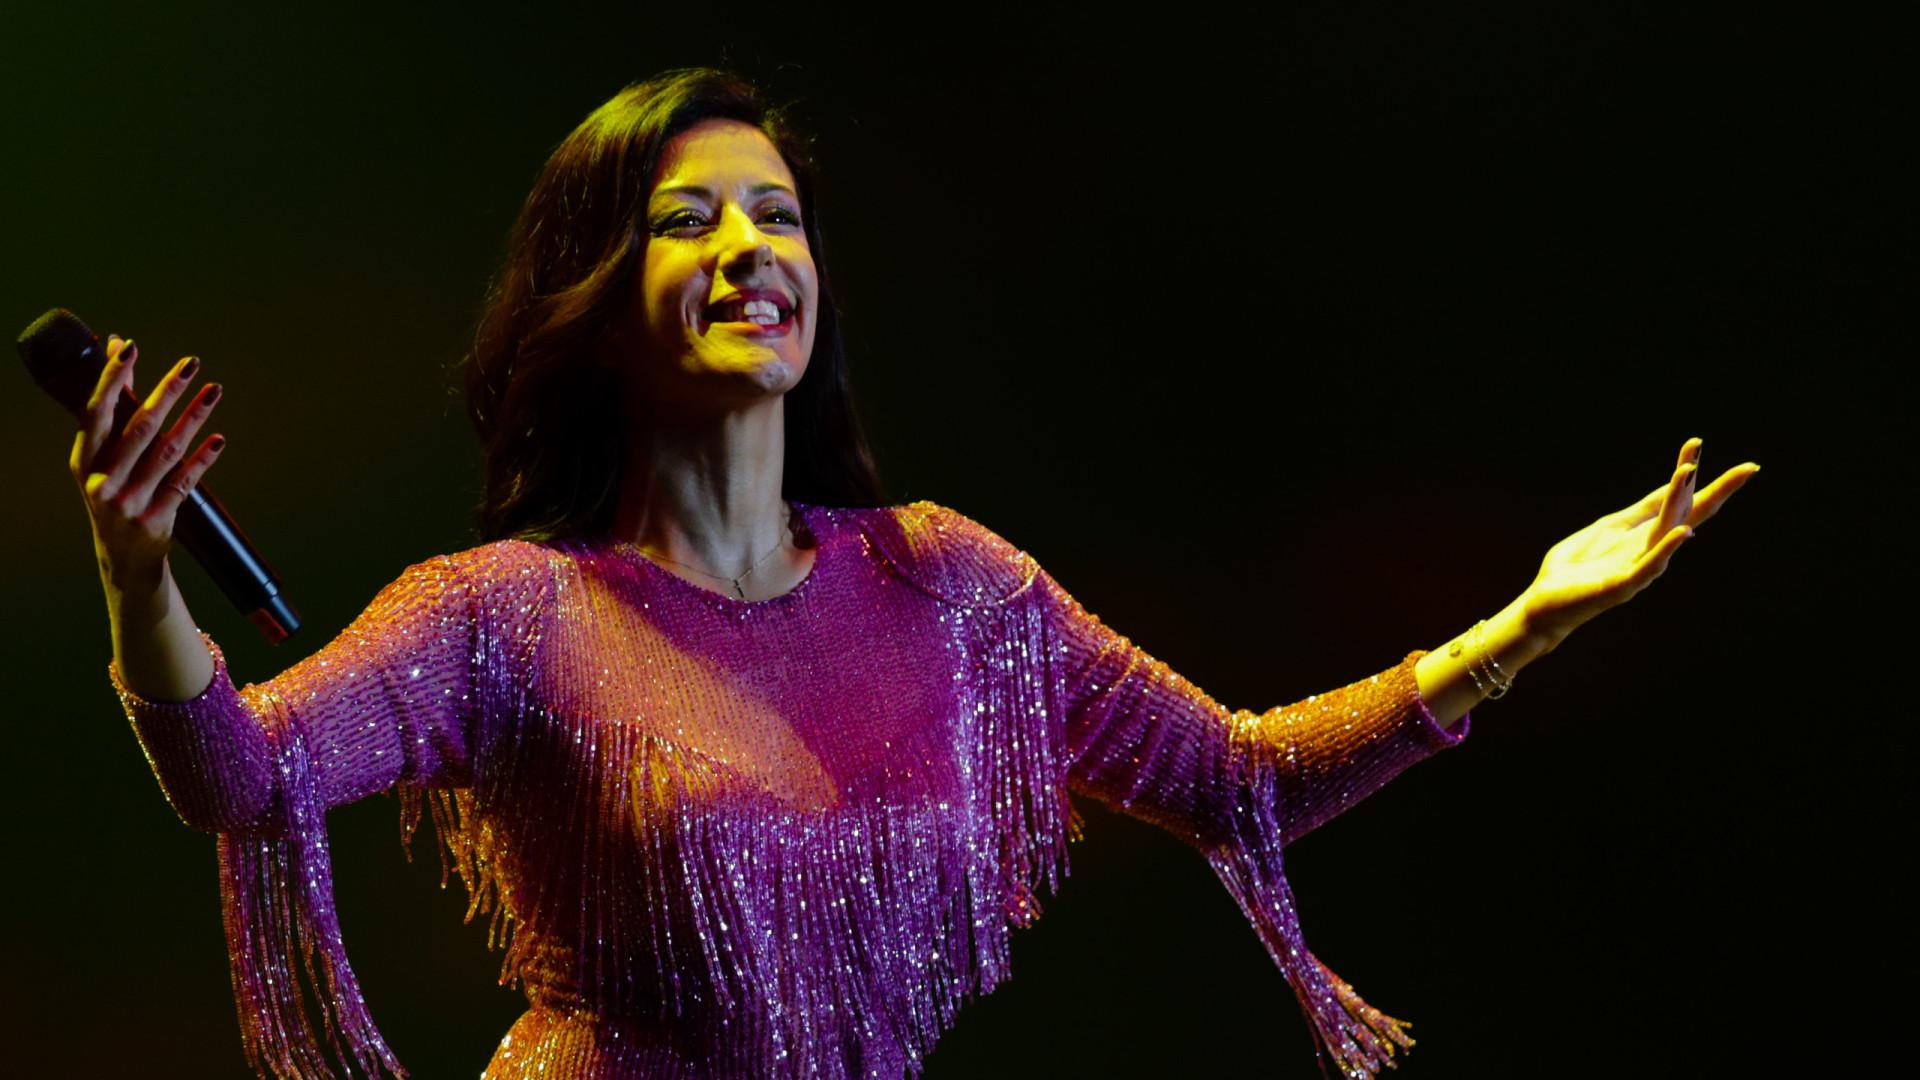 Ana Moura vai juntar-se aos U2 para dar voz a campanha contra a pobreza